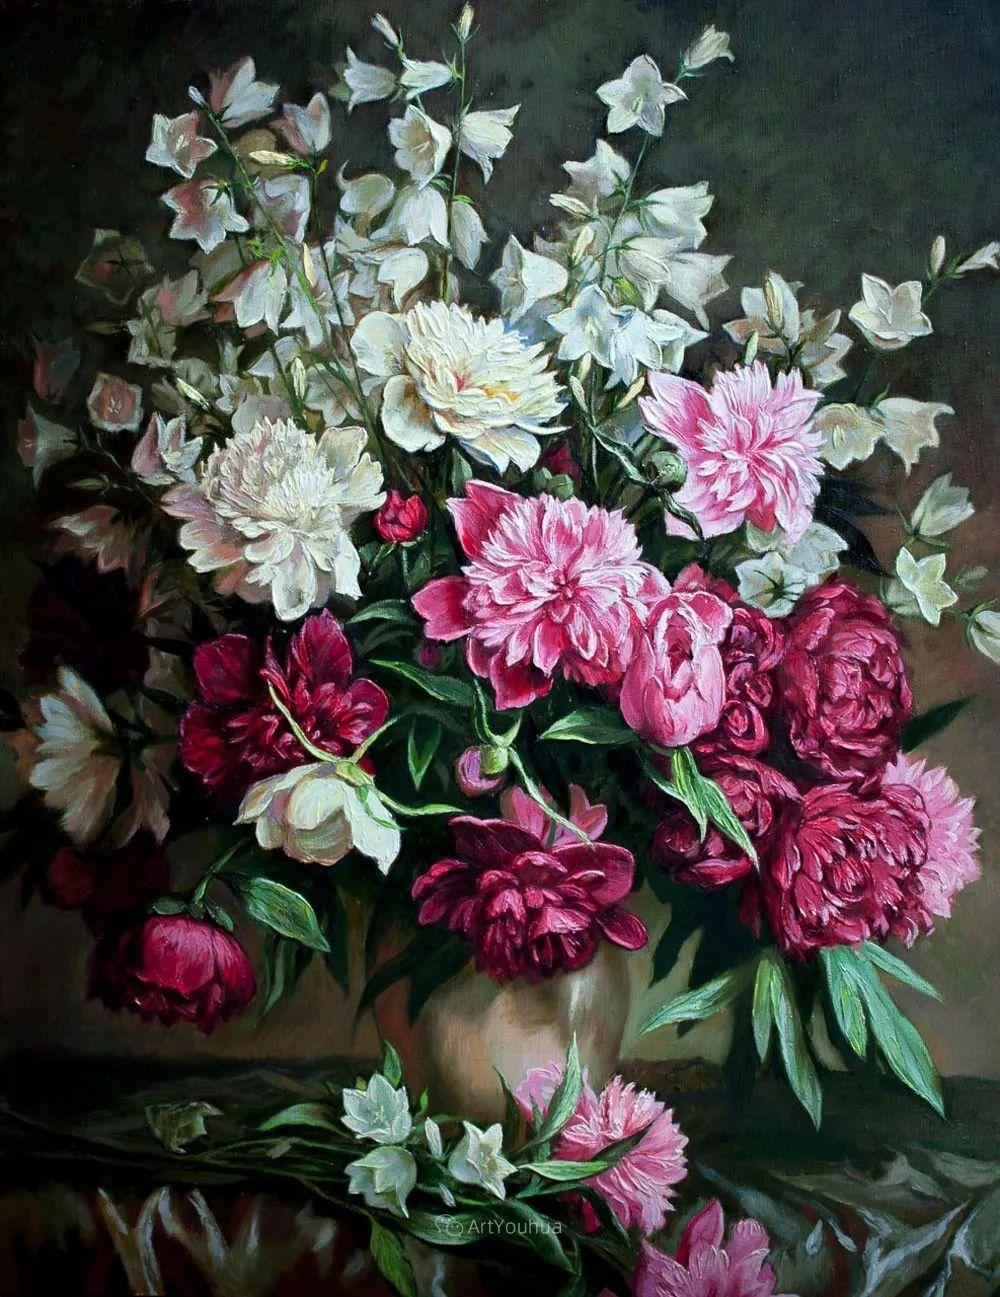 静物花卉与风景,俄罗斯艺术家Simonova Olga Georgievna插图13